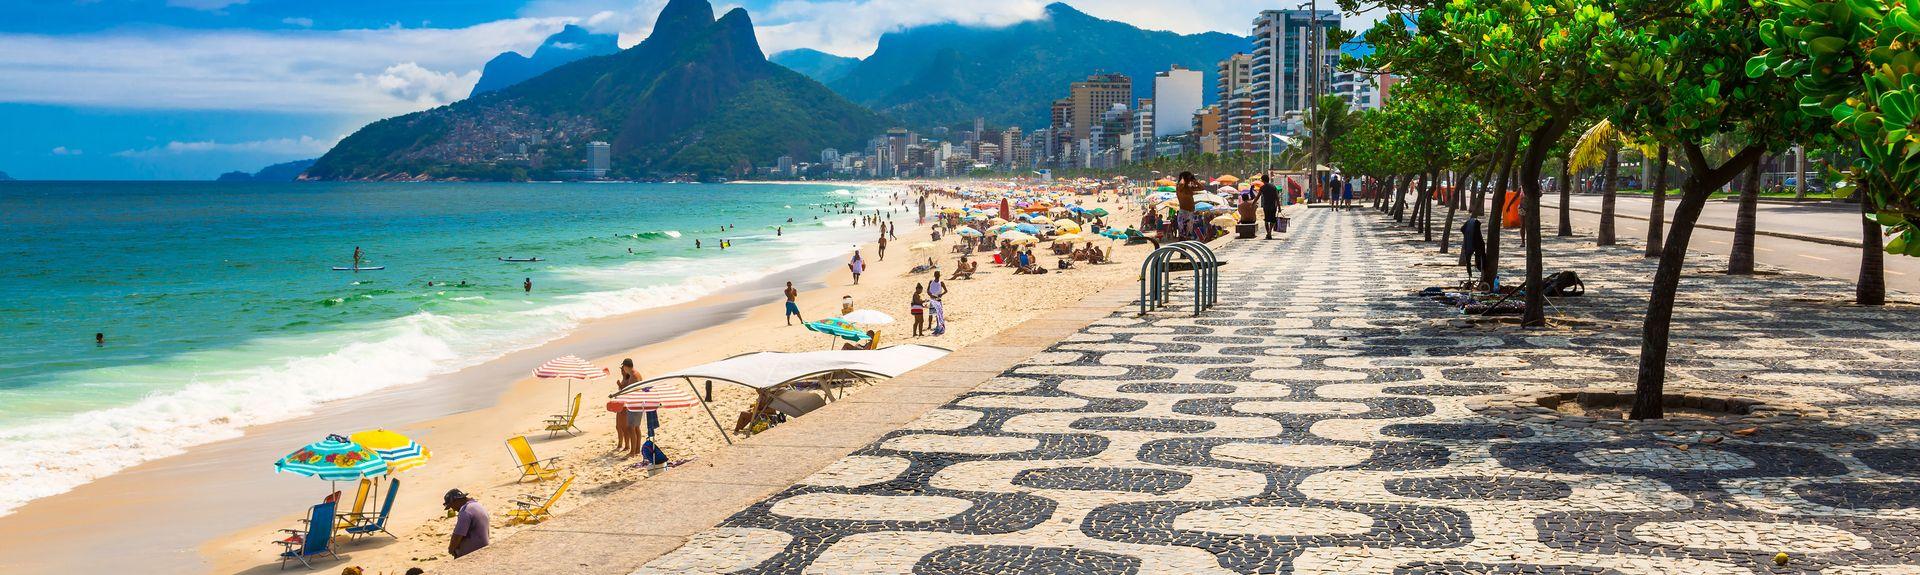 Ipanema, Rio de Janeiro, Rio de Janeiro, Brasil